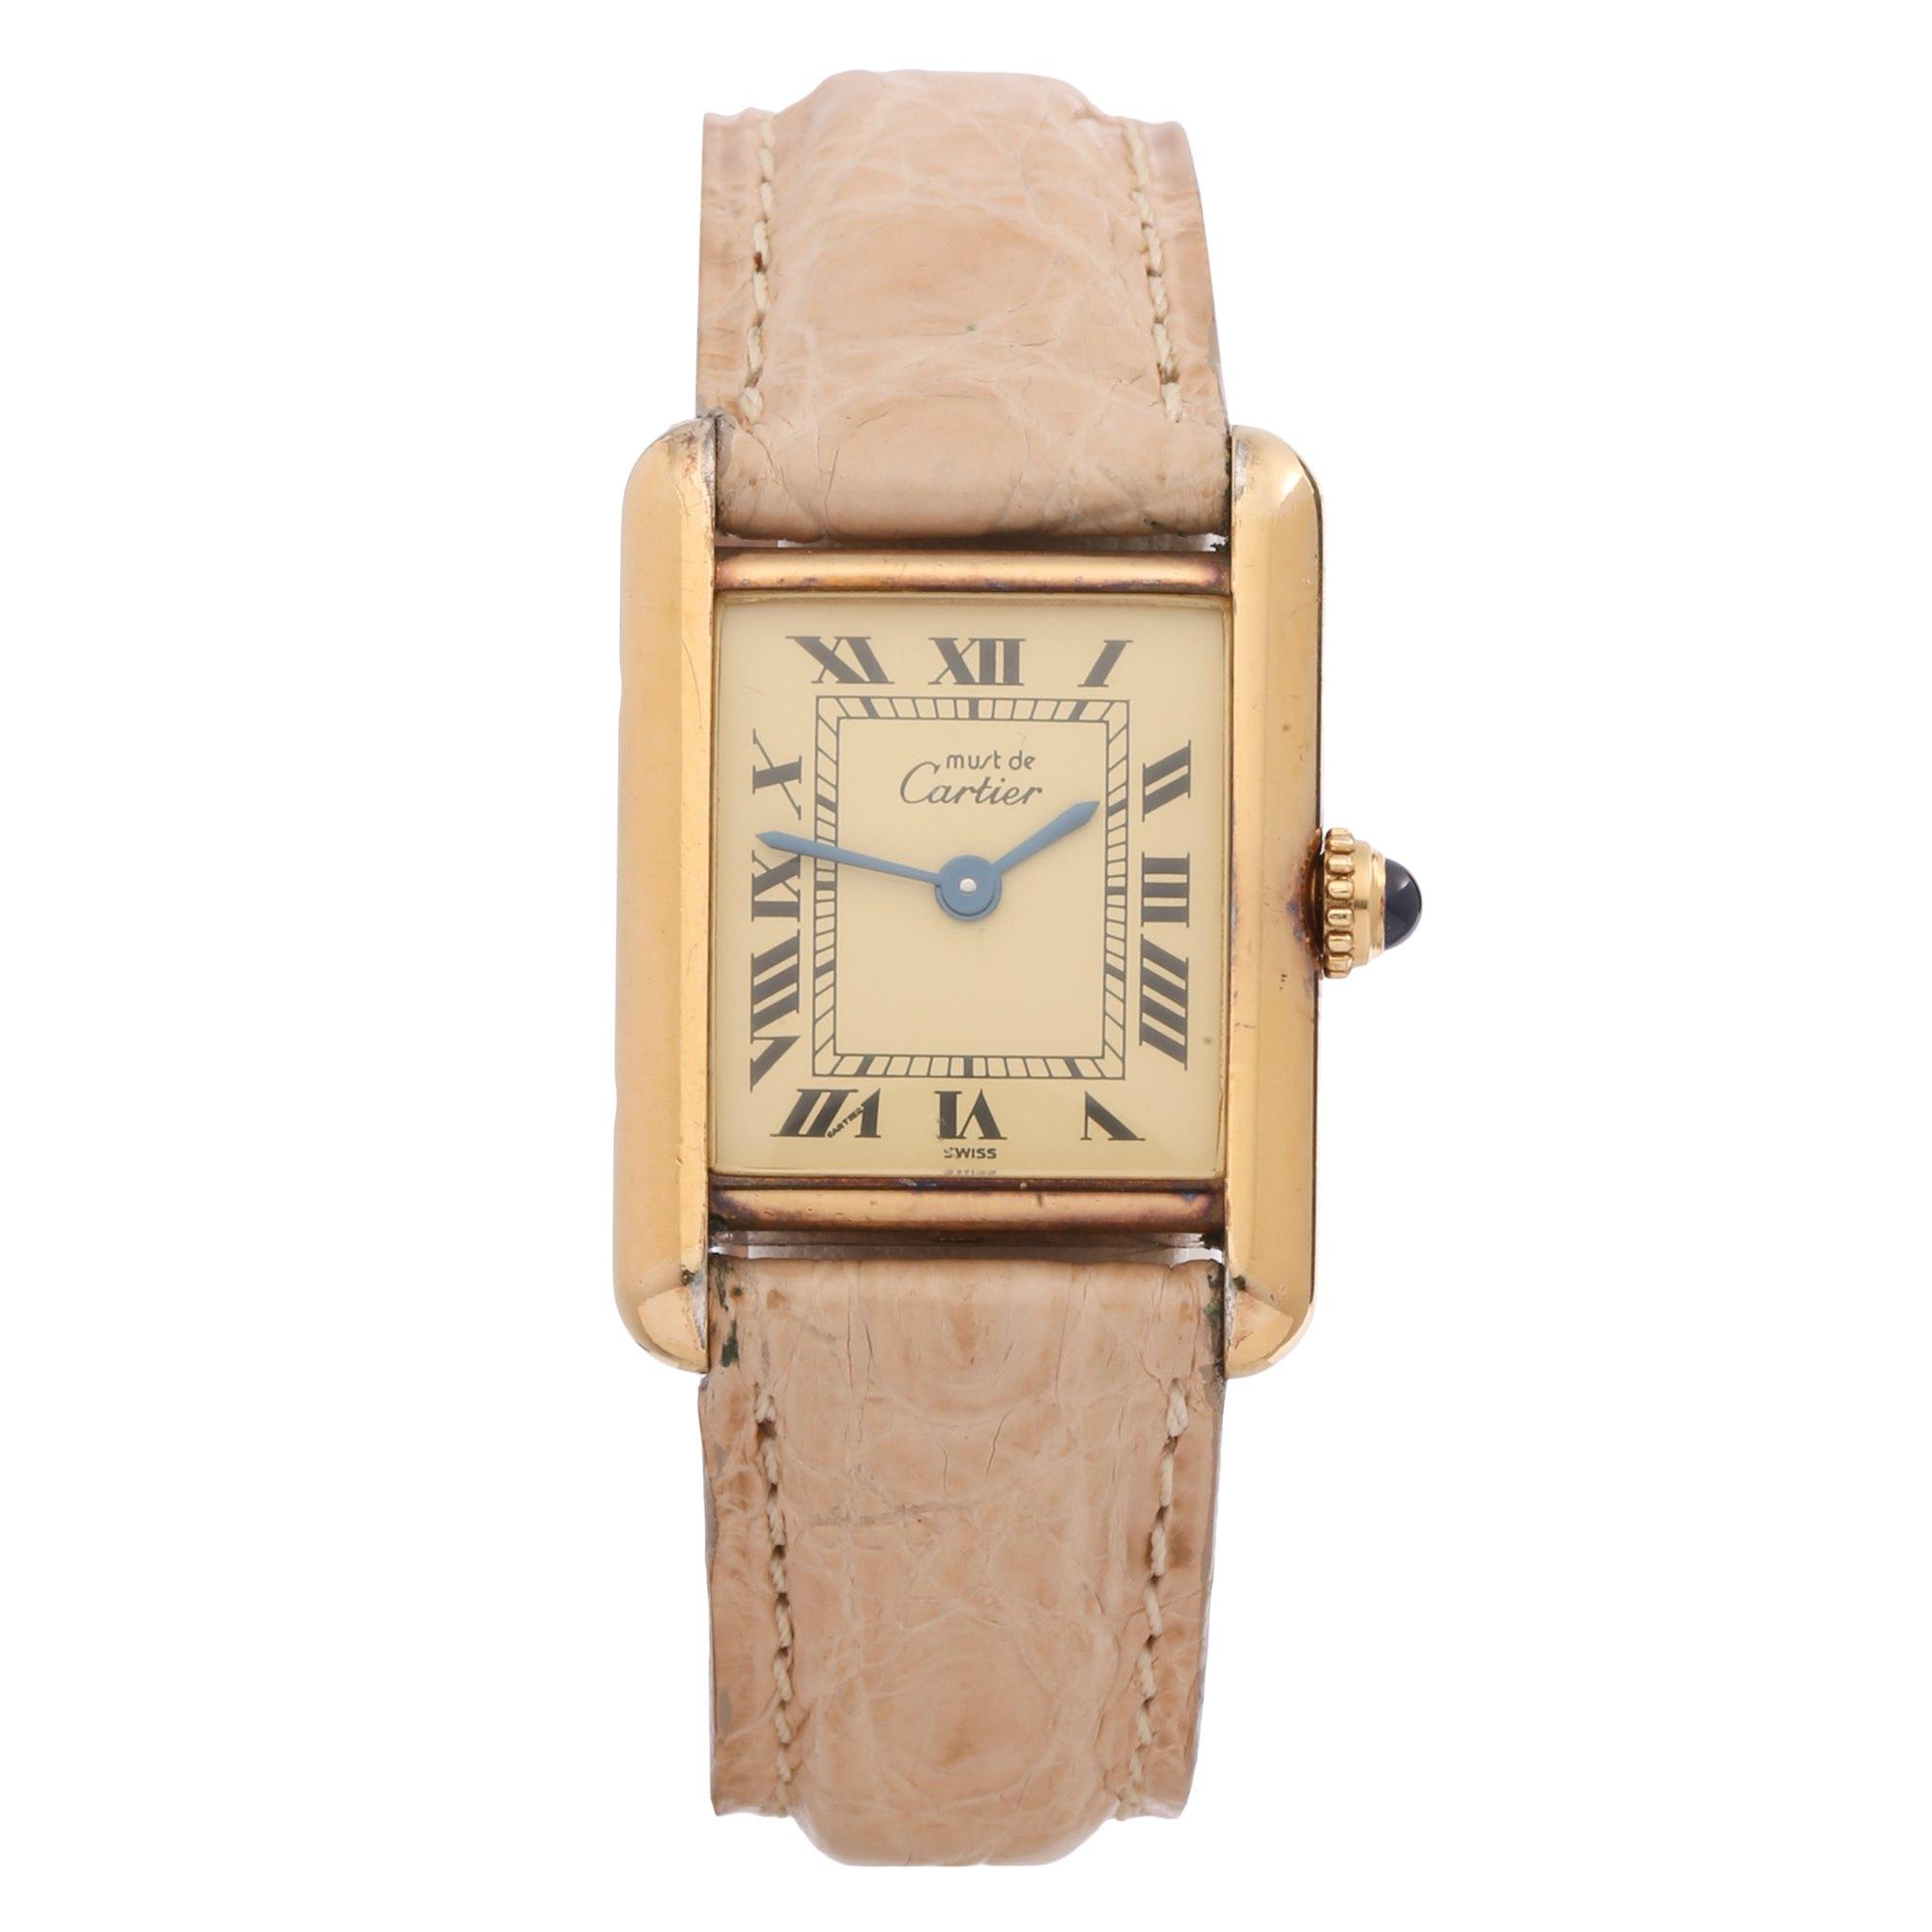 Cartier Must de Cartier 18K Gold Plated 58294